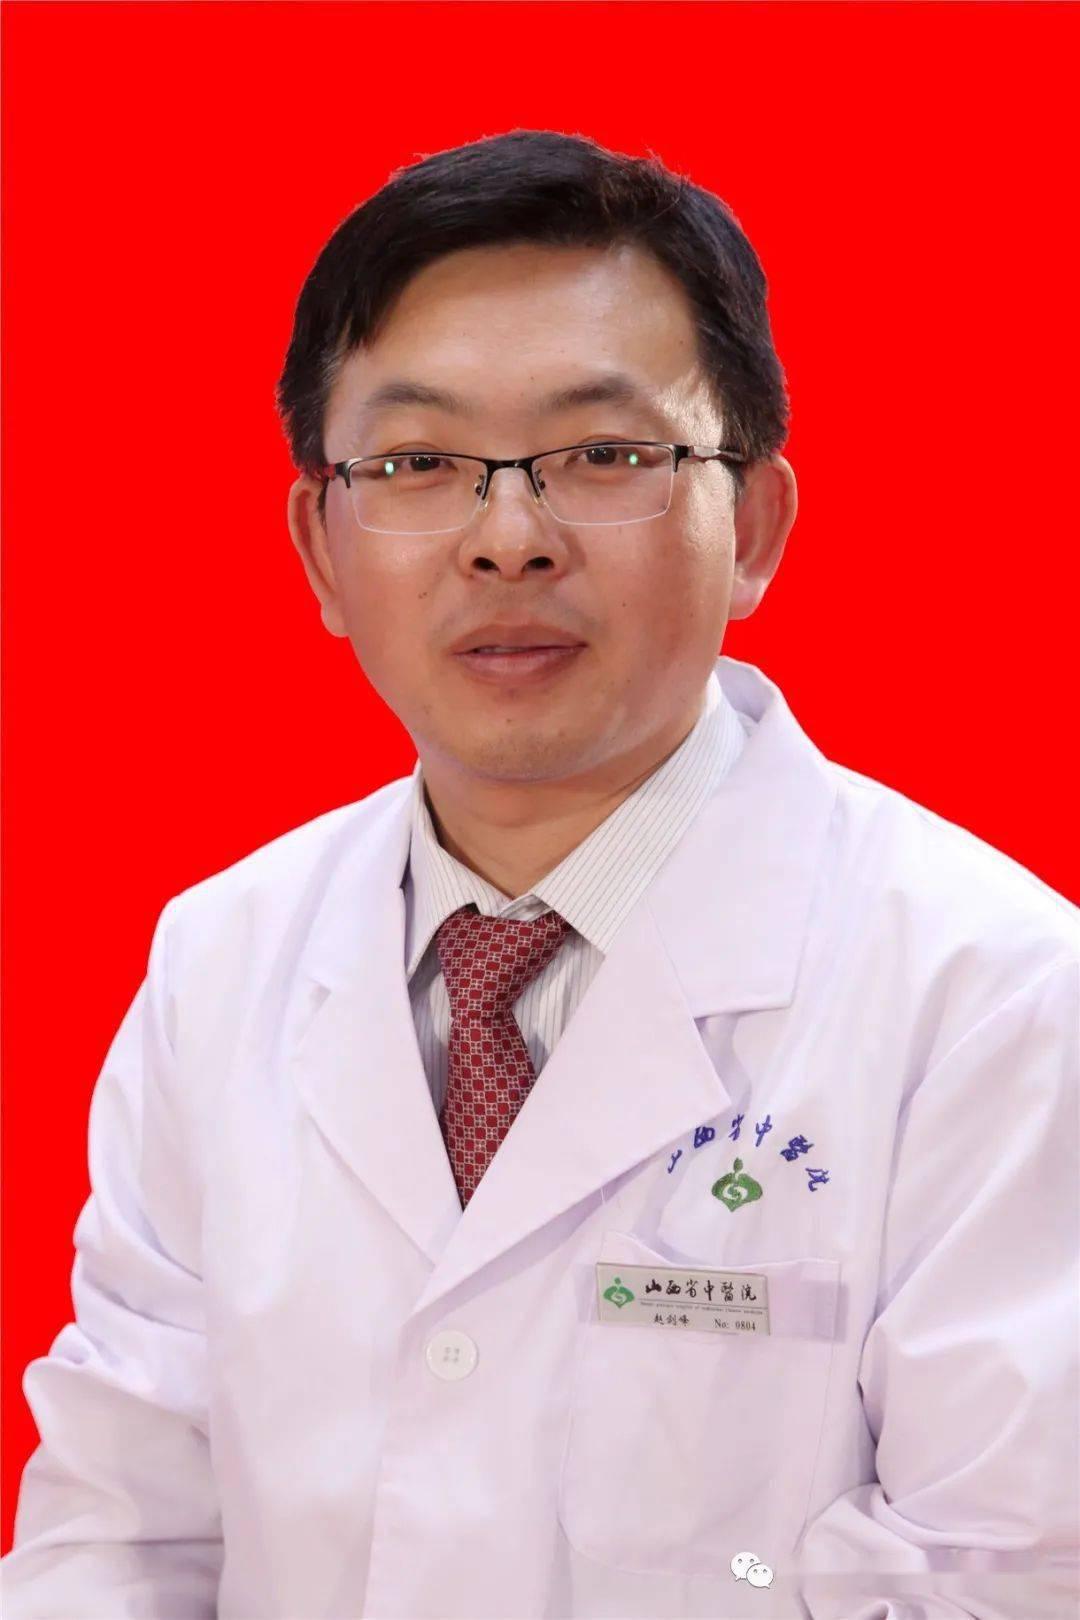 王晞星教授治疗老年晚期胃癌临证经验  王晞星教授治疗胃癌经验